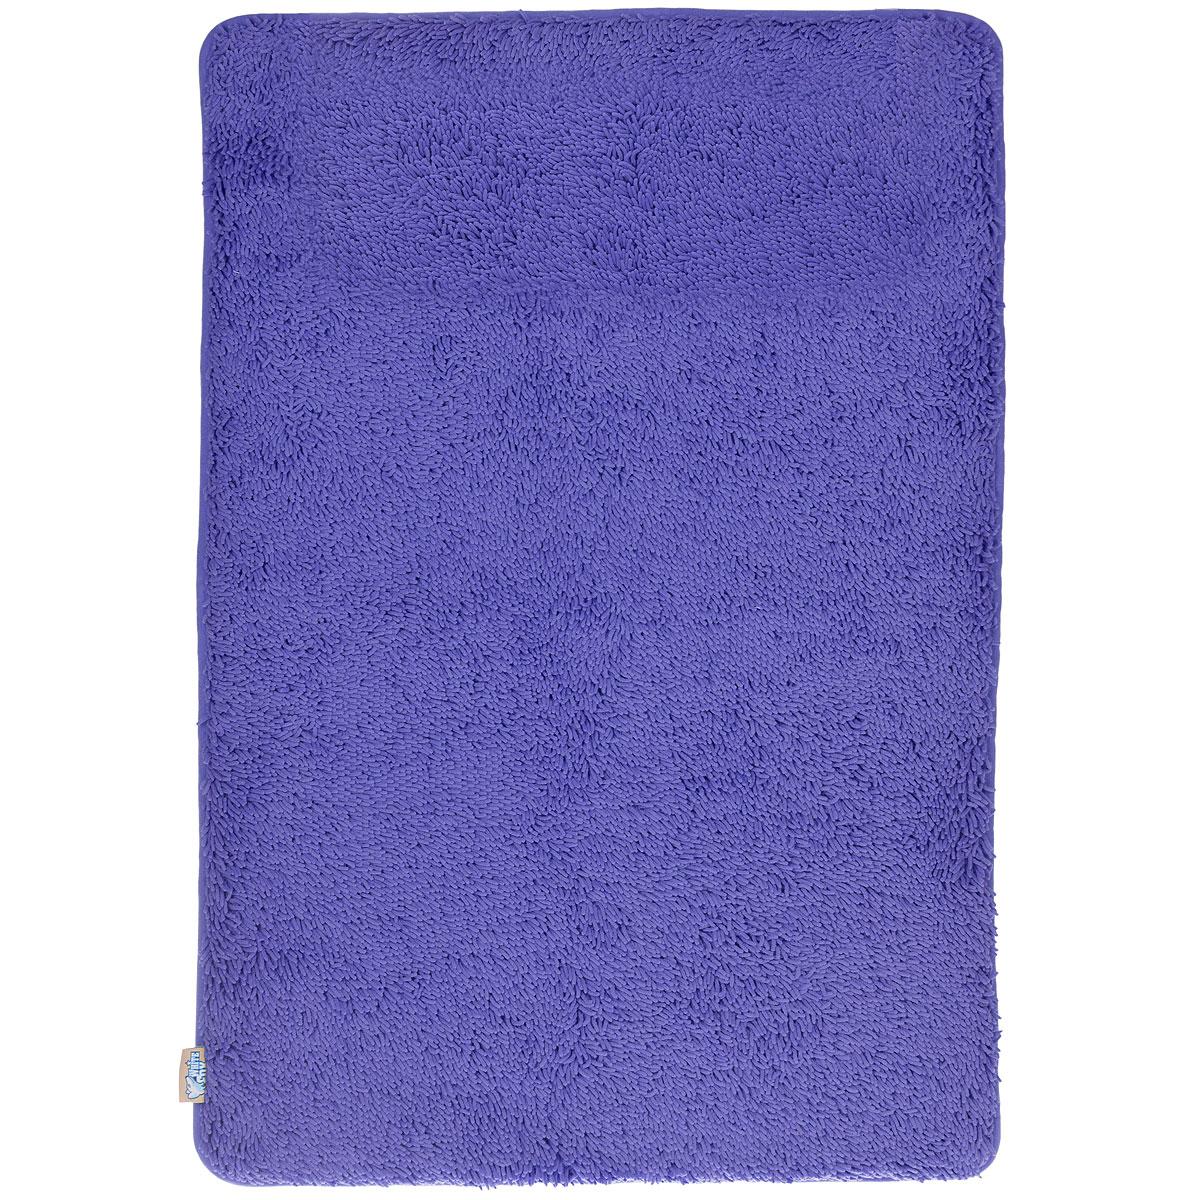 Коврик для ванной White Fox Relax, цвет: синий, 60 см х 90 смWBCH10-291Коврик для ванной White Fox Relax с ворсом подарит настоящий комфорт до и после принятия водных процедур. Коврик состоит из трех слоев: - верхний флисовый слой прекрасно дышит, благодаря чему коврик быстро высыхает; - основной слой выполнен из специального вспененного материала, который точно повторяет рельеф стопы, создает комфорт и полностью восстанавливает первоначальную форму; - нижний резиновый слой препятствует скольжению коврика на влажном полу. Коврик White Fox Relax с ворсом равномерно распределяет нагрузку на всю поверхность стопы, снимая напряжение и усталость в ногах. Рекомендации по уходу: - можно стирать в стиральной машине при +30°C; - не отбеливать; - не гладить; - можно подвергать химчистке; - деликатные отжим и сушка. Высота ворса: 1,3 см.